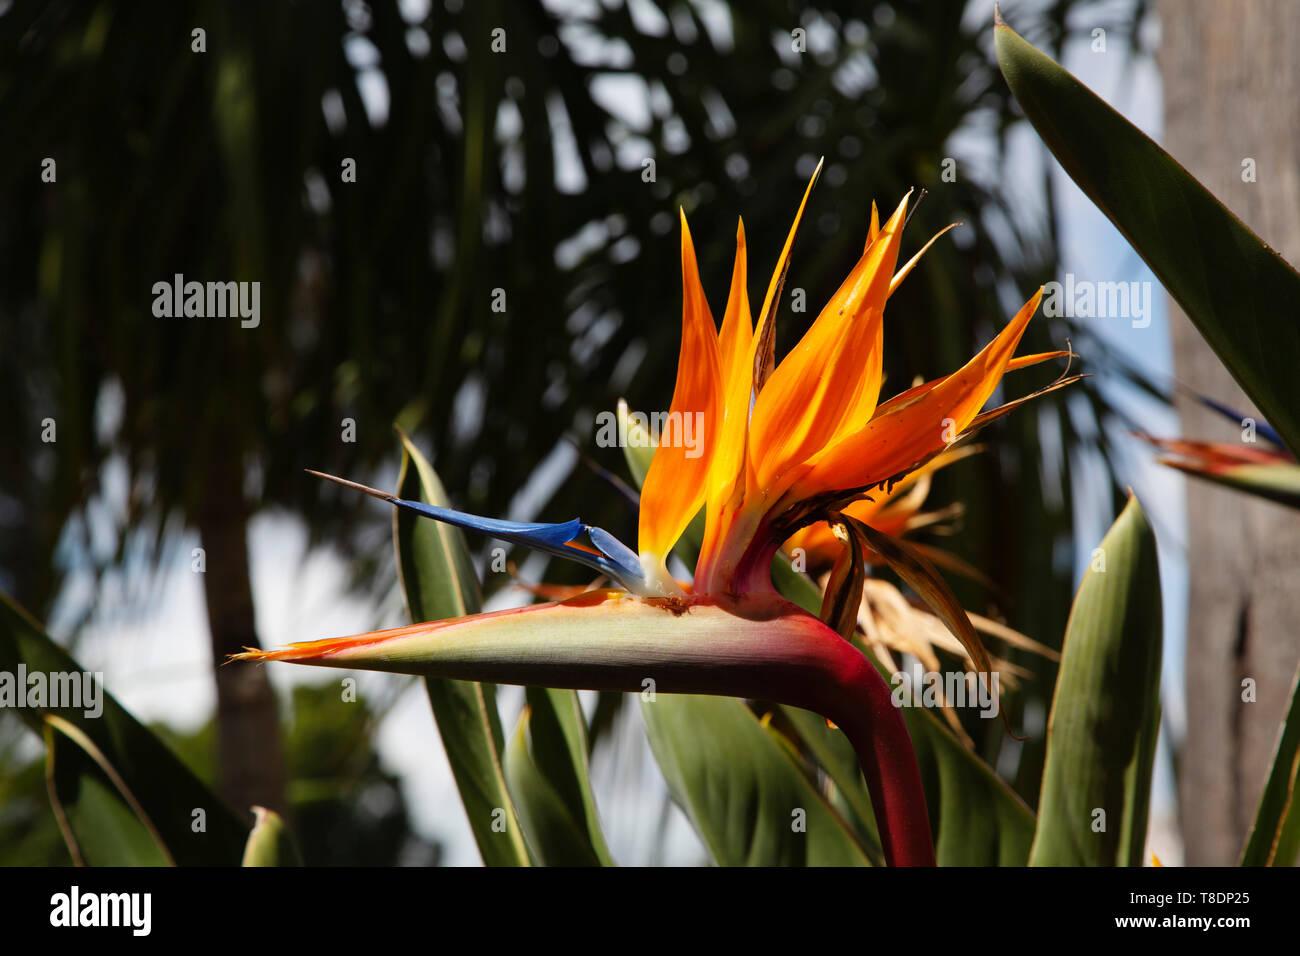 Oiseau du Paradis fleur dans un jardin. Strelitzia reginae. La province de Malaga Costa del Sol. Andalousie, Espagne du sud Europe Banque D'Images